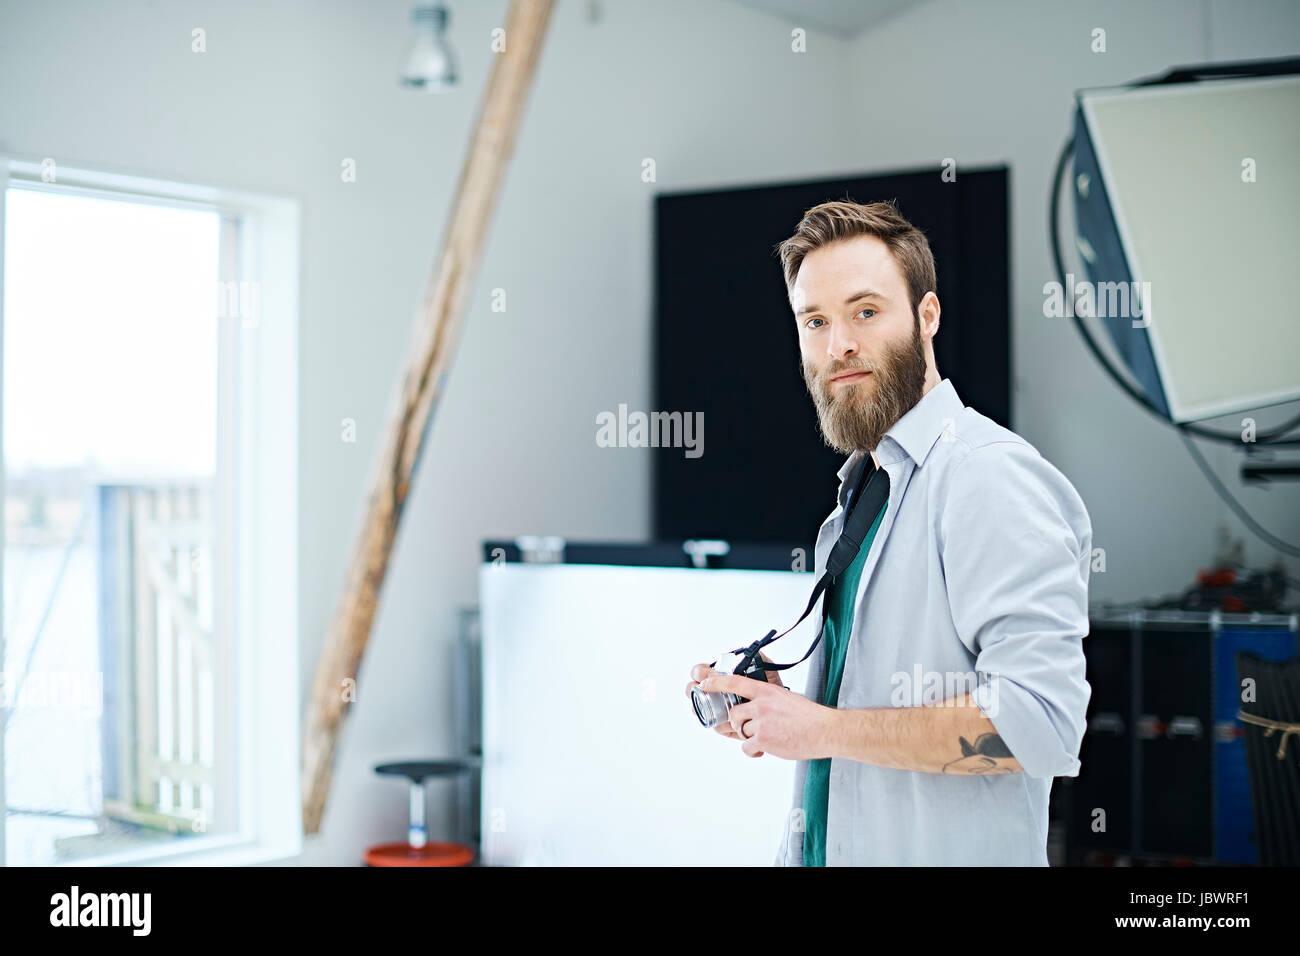 Porträt von männlichen Designer mit Digitalkamera im Designstudio Stockfoto